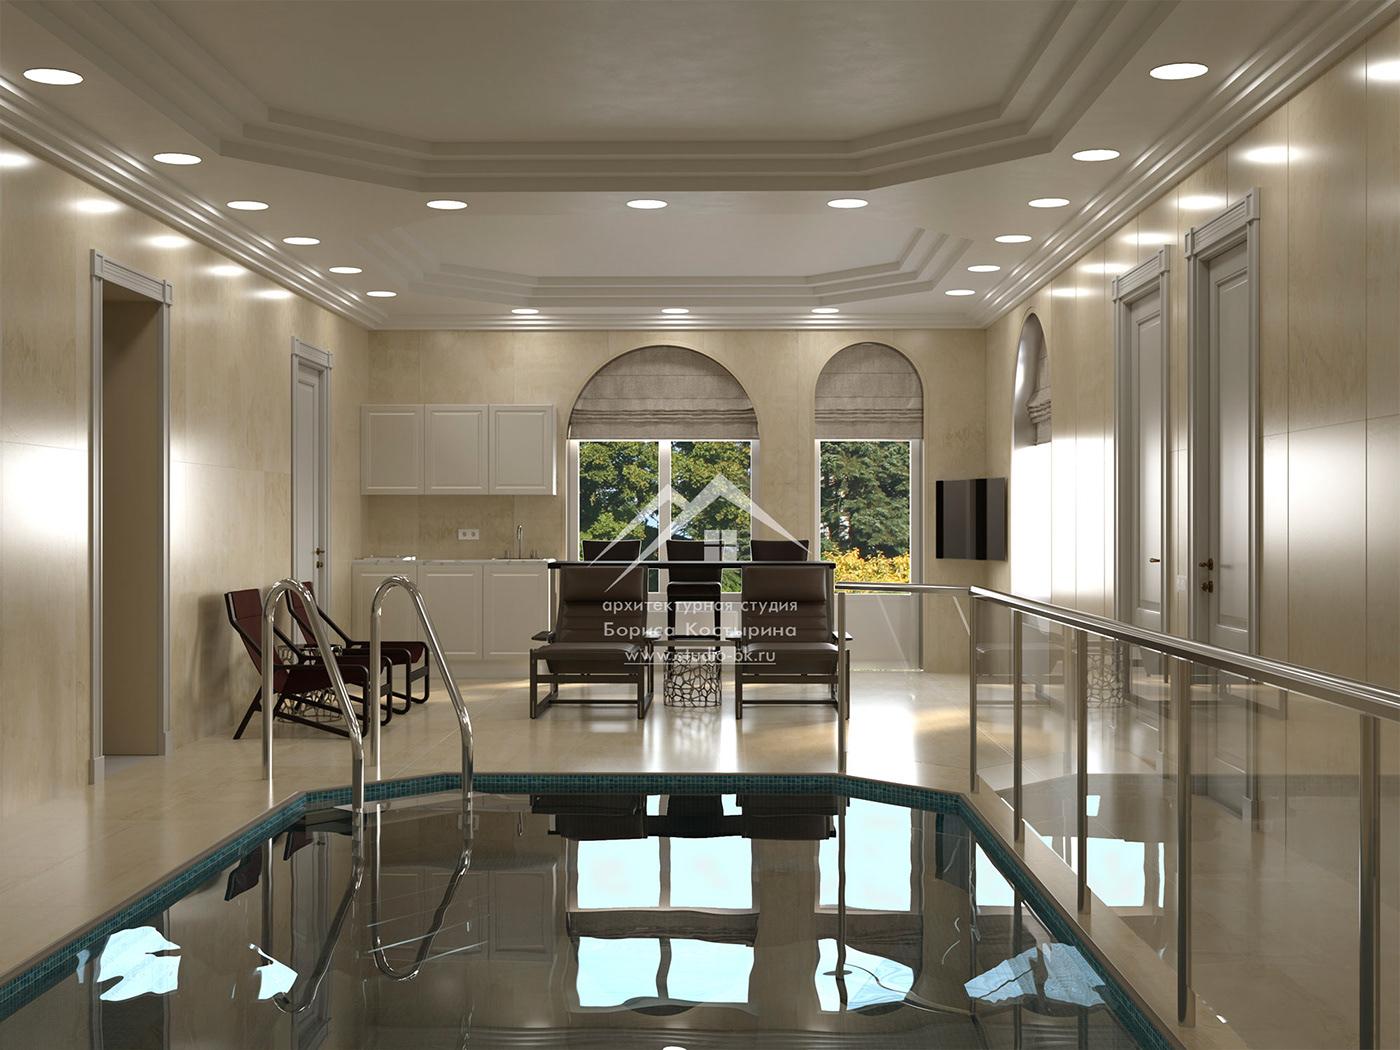 дизайн интерьера интерьер частного дома проект бассейна спа-зона